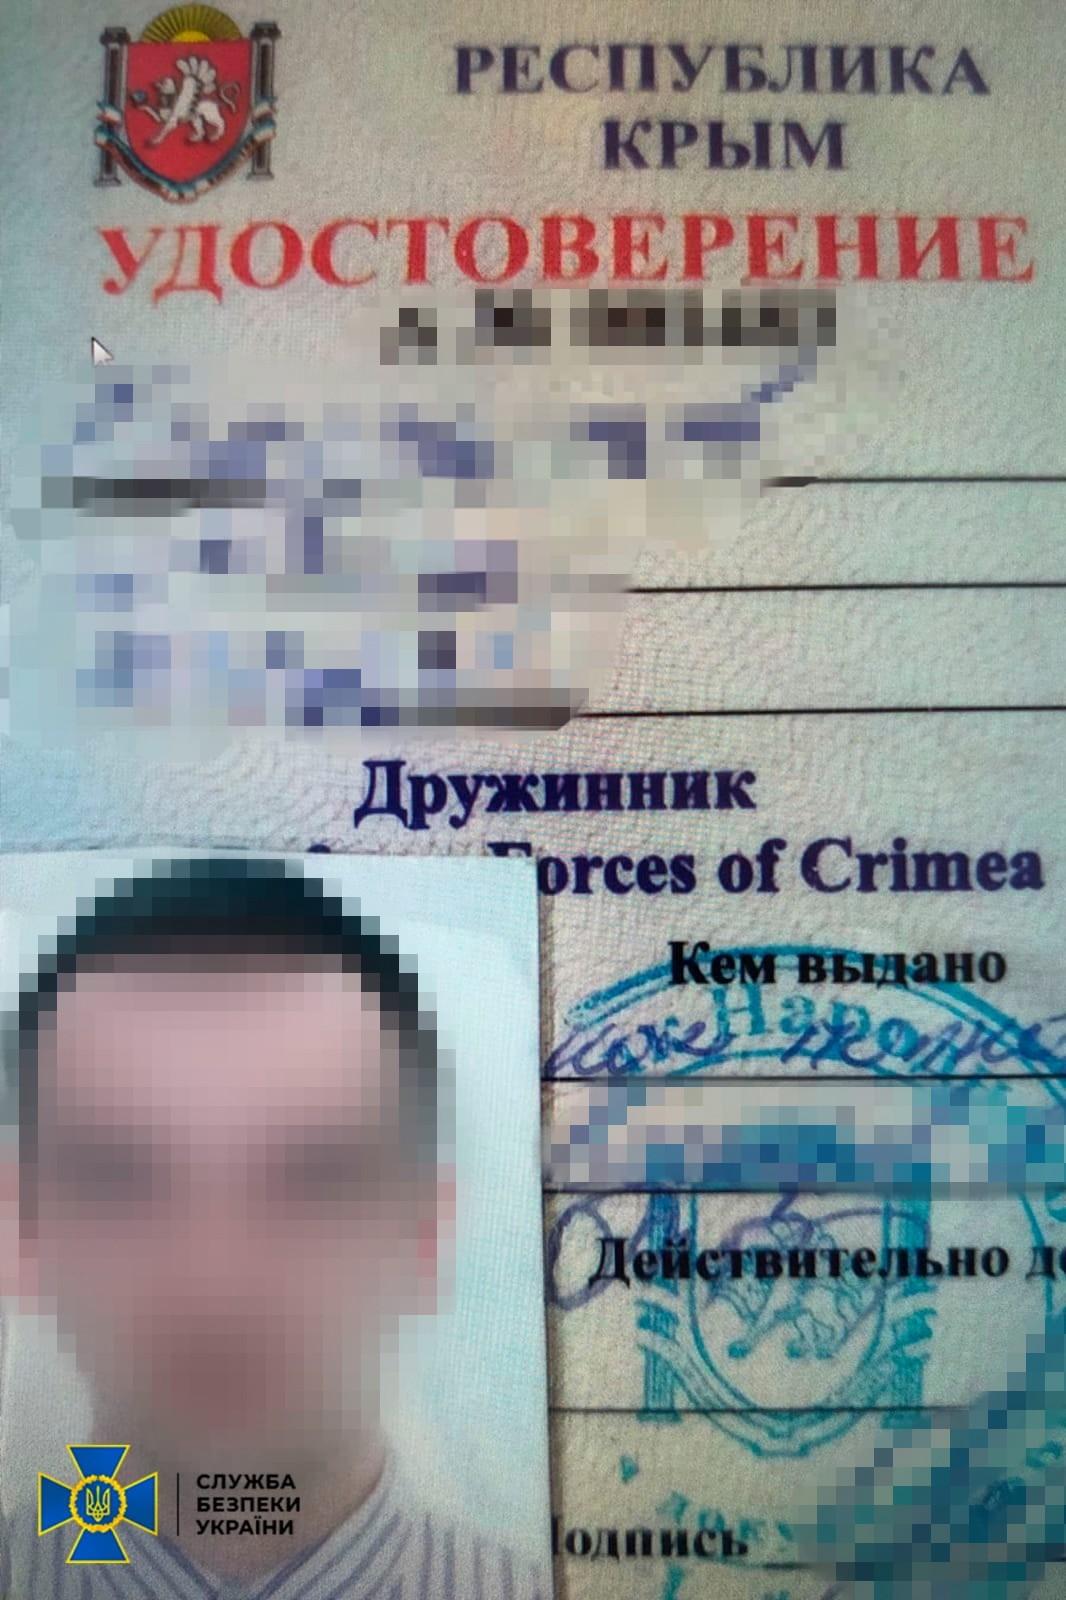 Изъятое удостоверение Михаила Кондратьева. Фото: СБУ